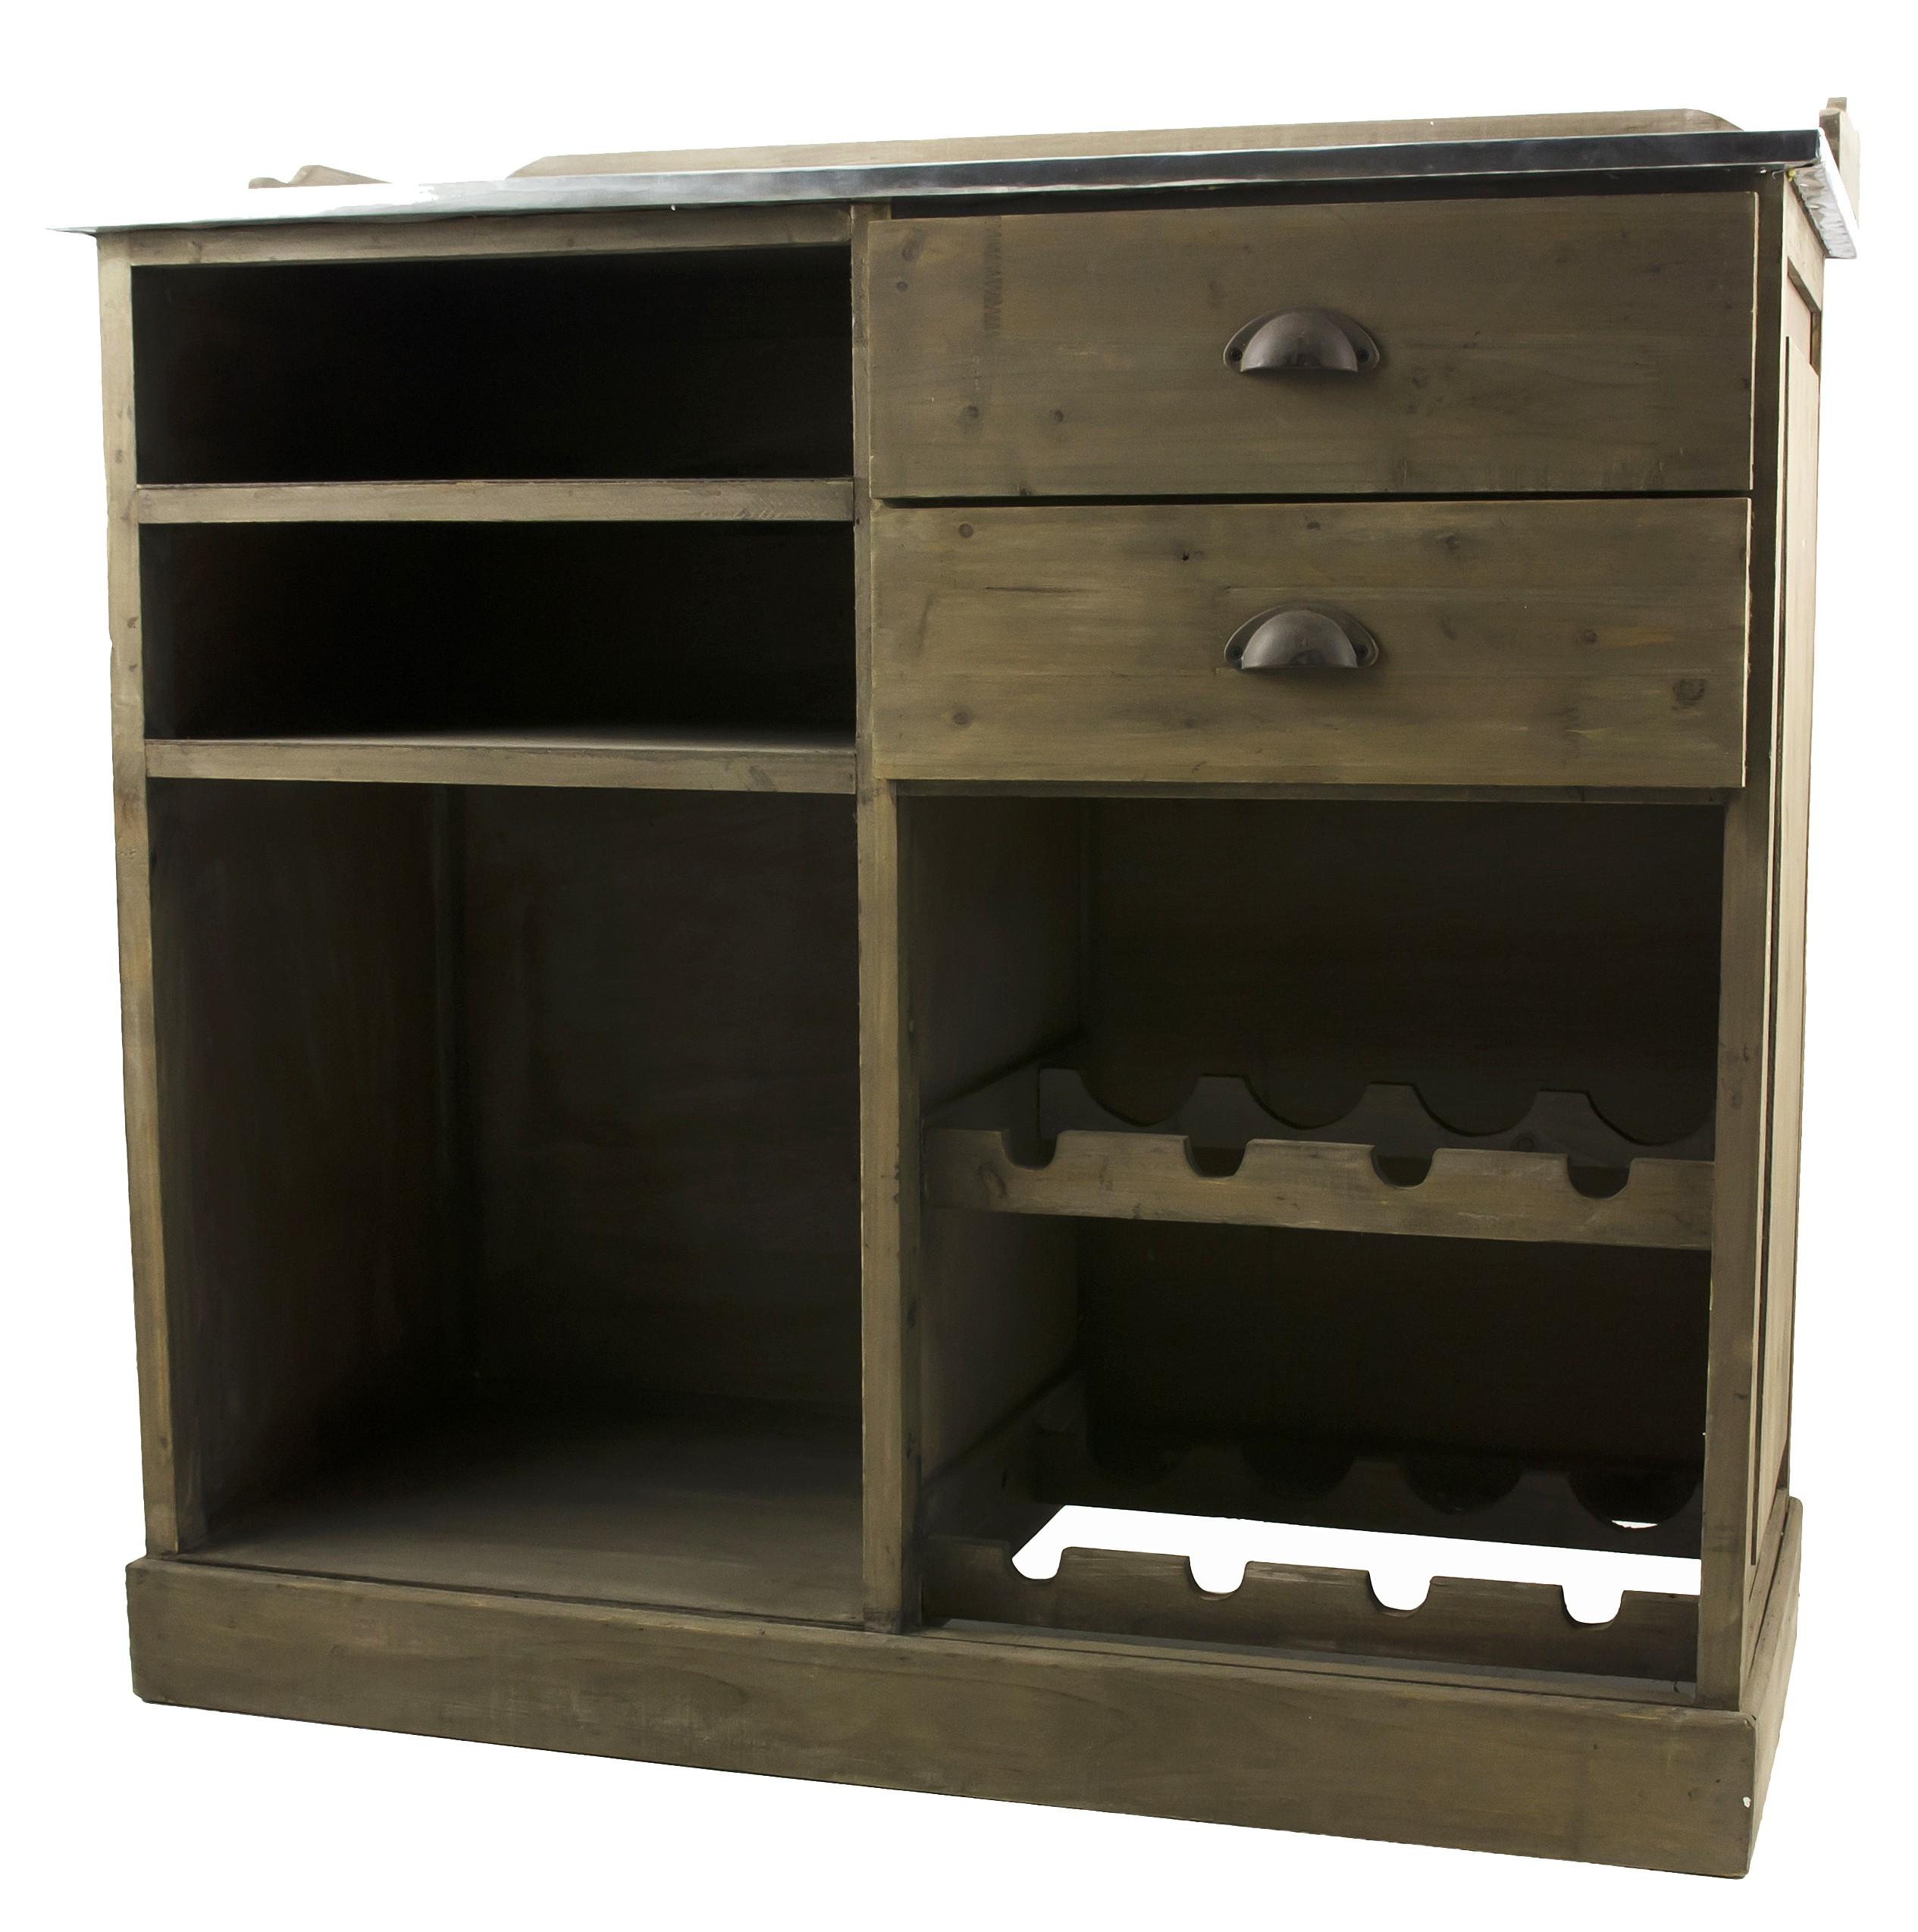 billot de cuisine ilot central comptoir de bar rangement en bois et zinc 48x96x101cm lhritier du temps